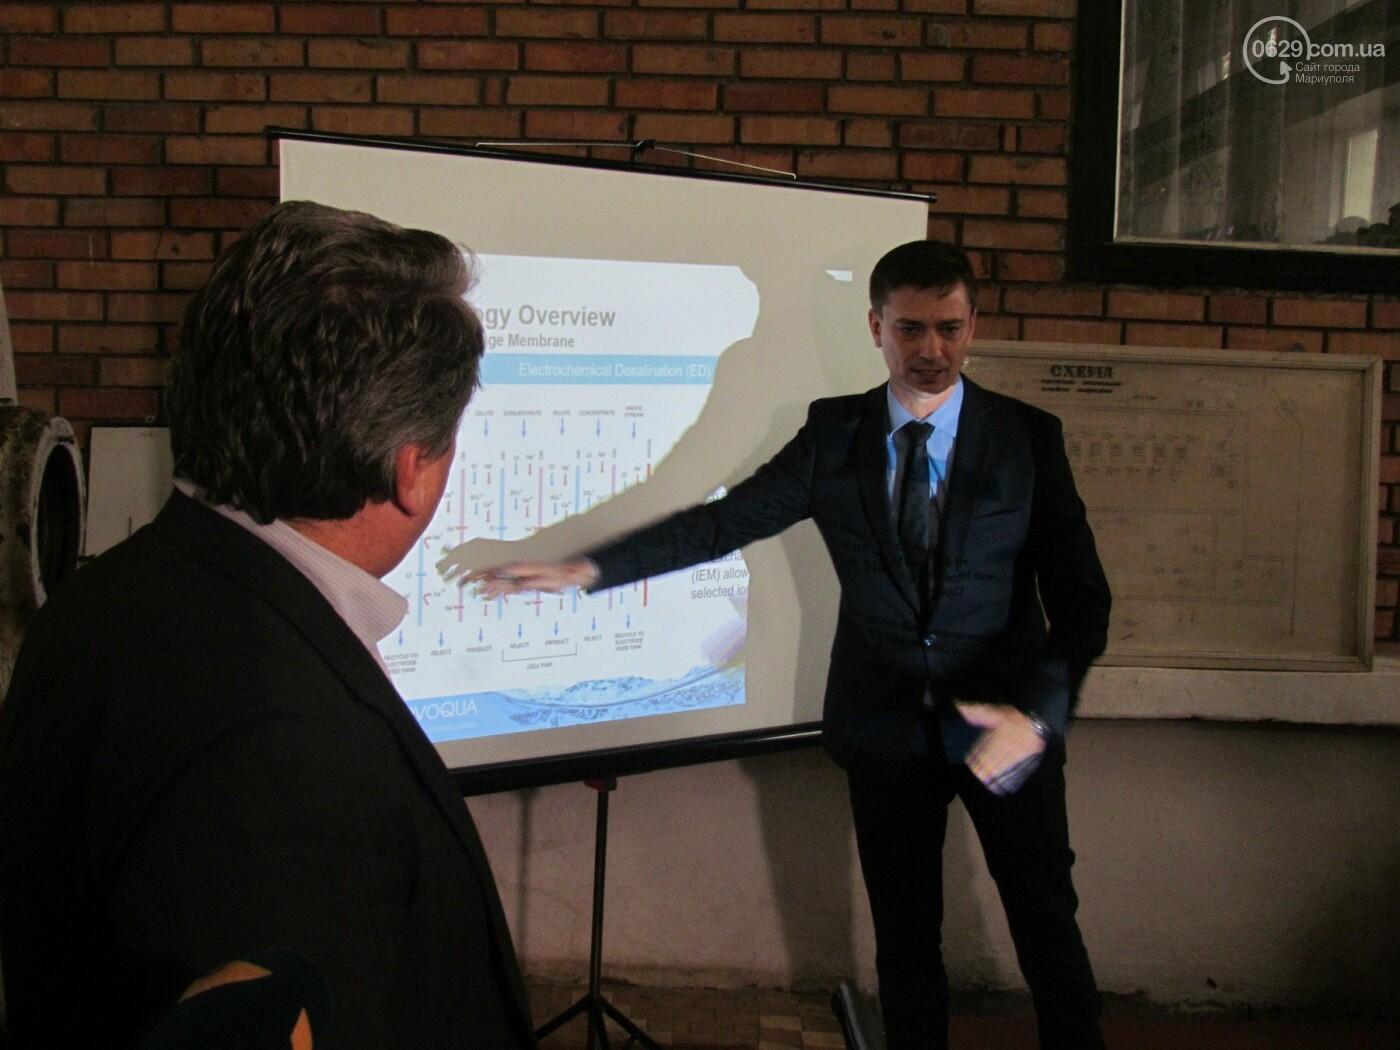 Мэр Мариуполя попробовал очищенную воду на фильтровальный станции в Каменске, - ФОТО, фото-4